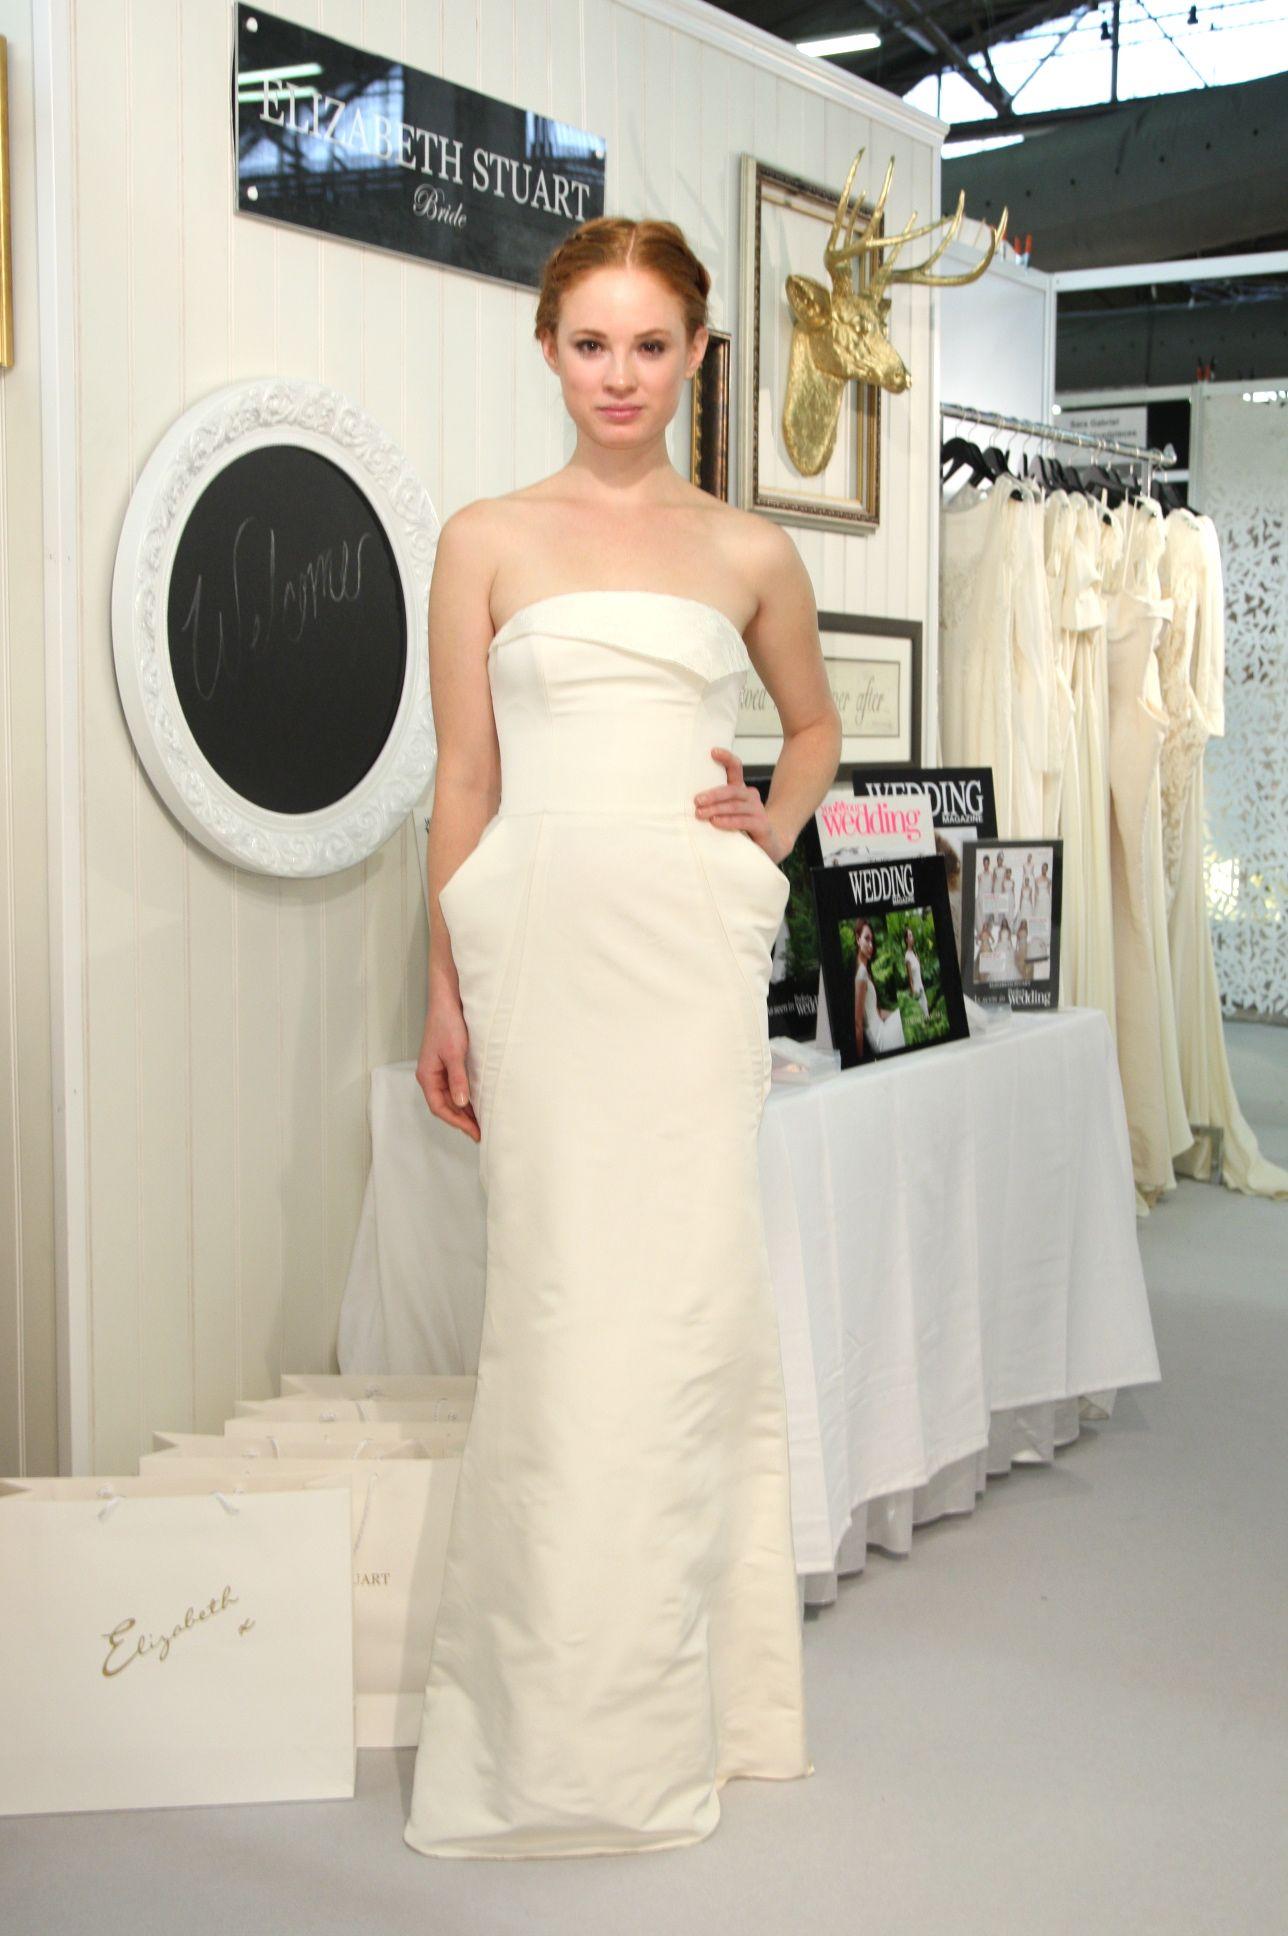 Elizabeth stuart wedding dresses fall high fashion bride